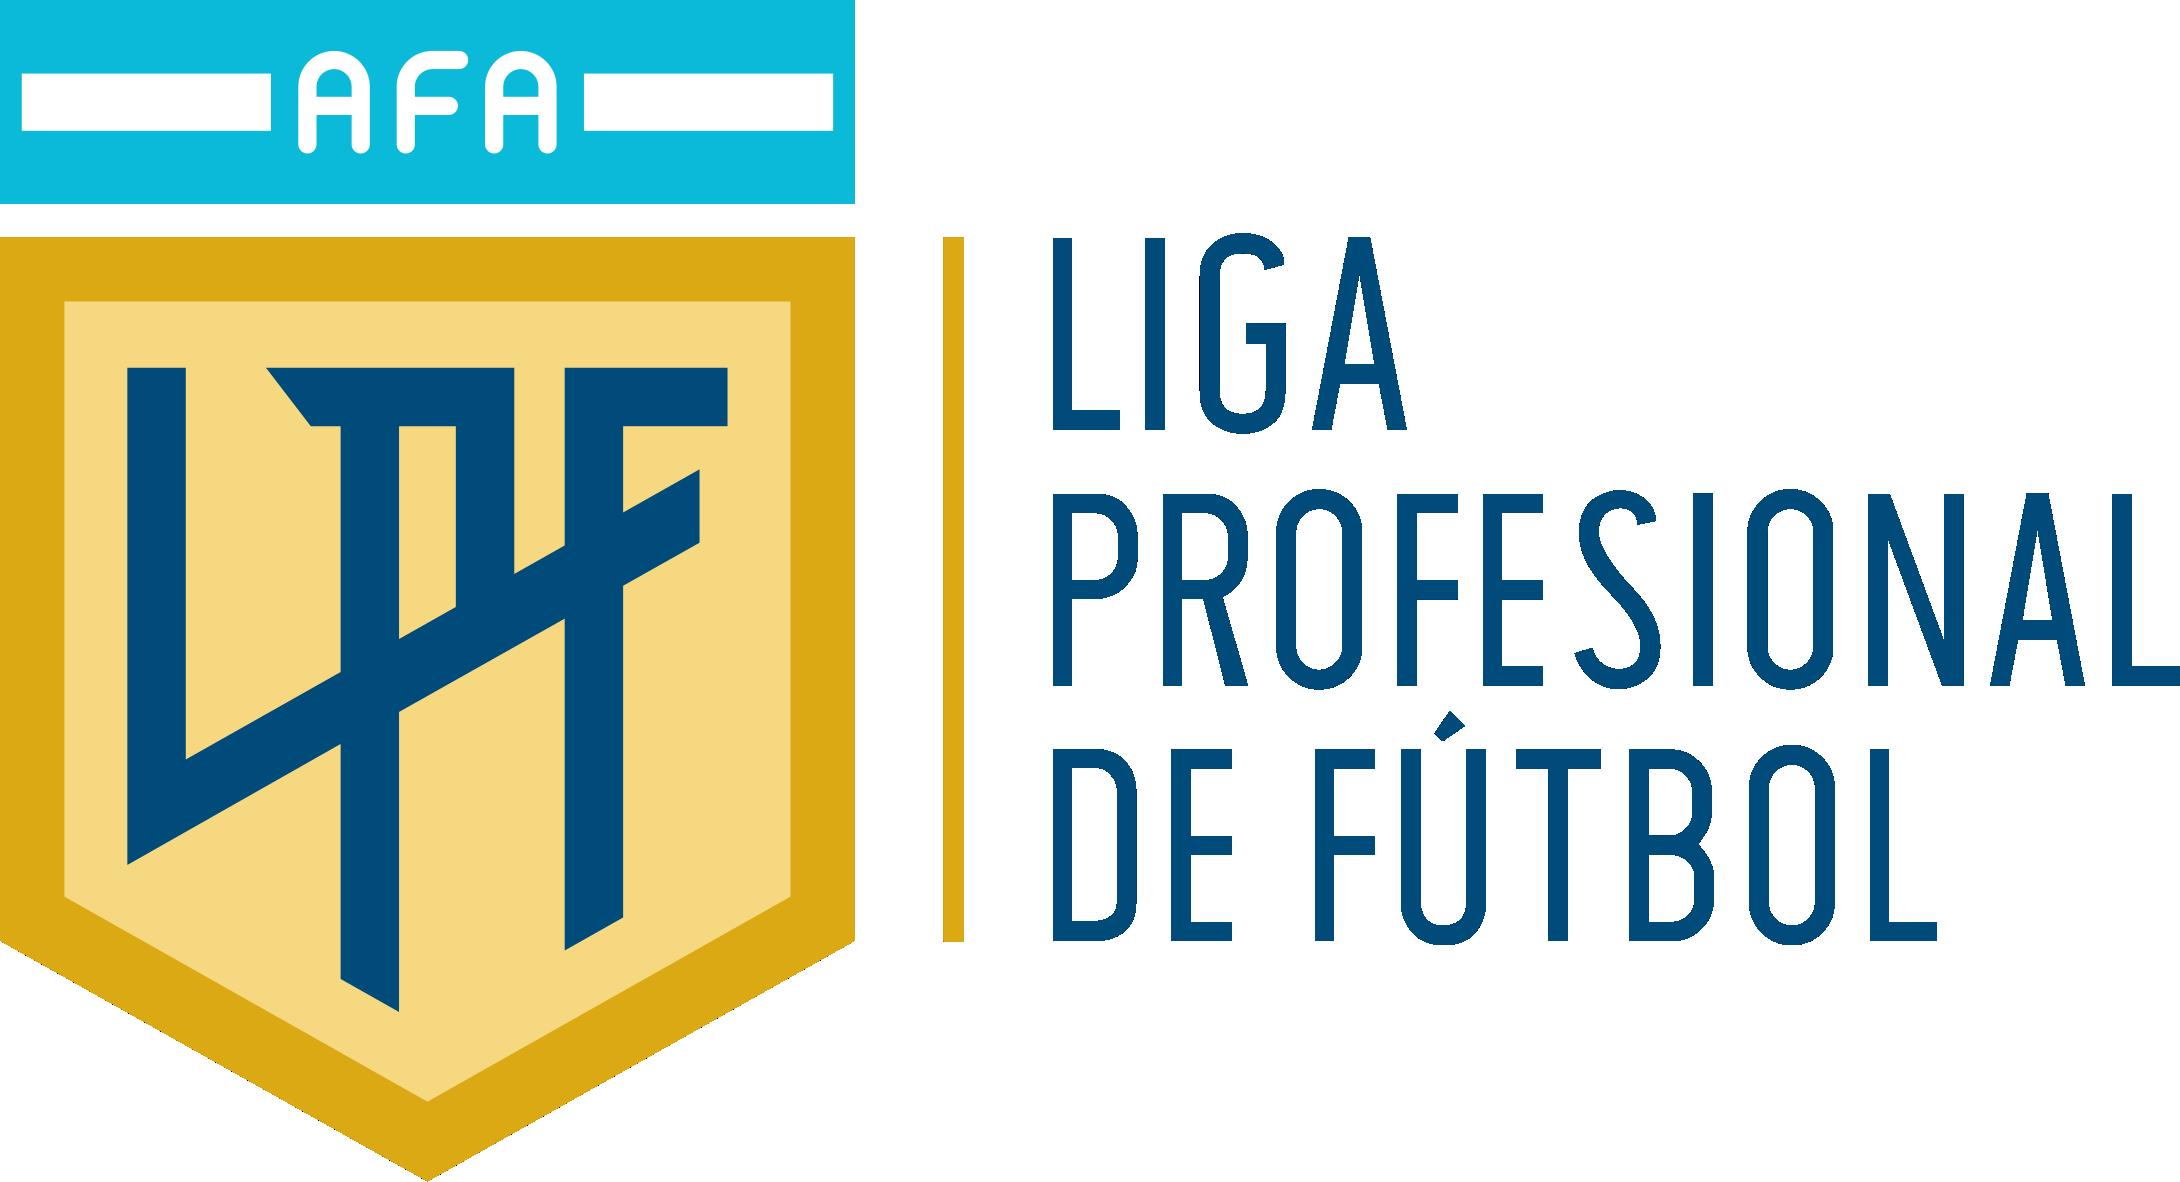 LPF -Liga Profesional de Futbol